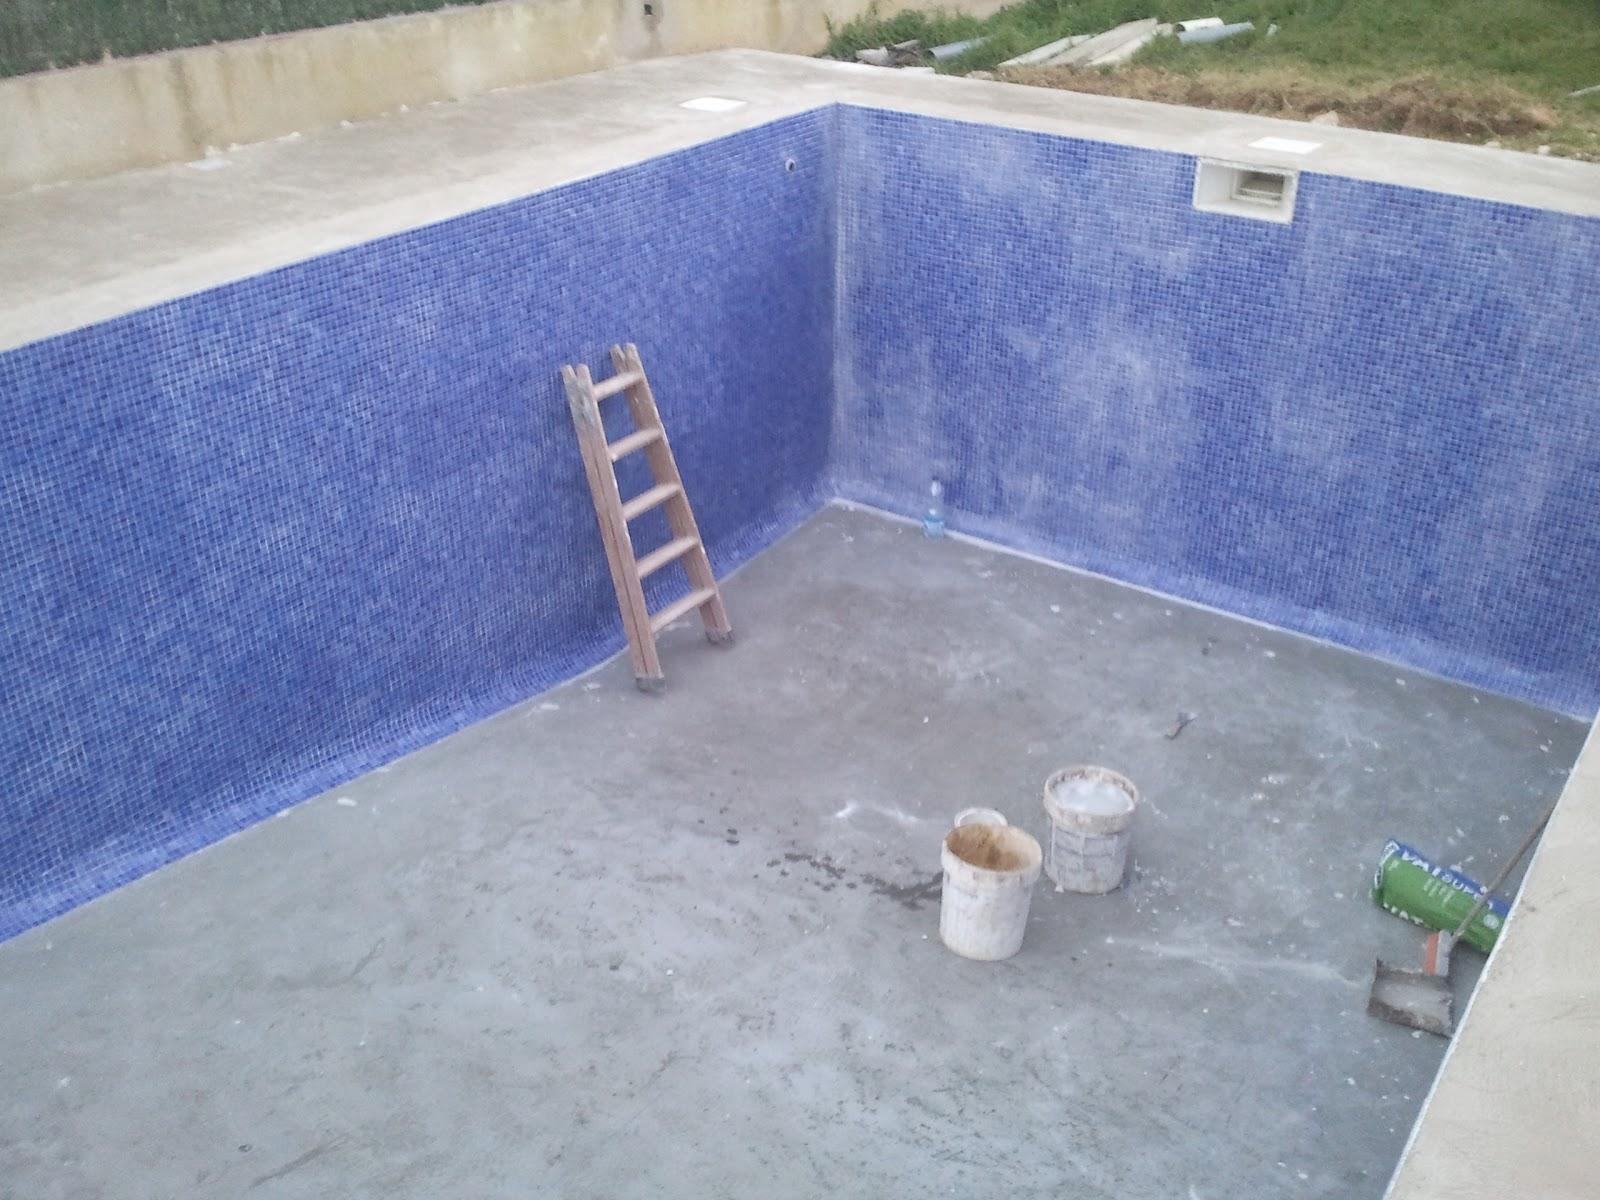 Reformas julio camarena - Gresite piscinas colores ...